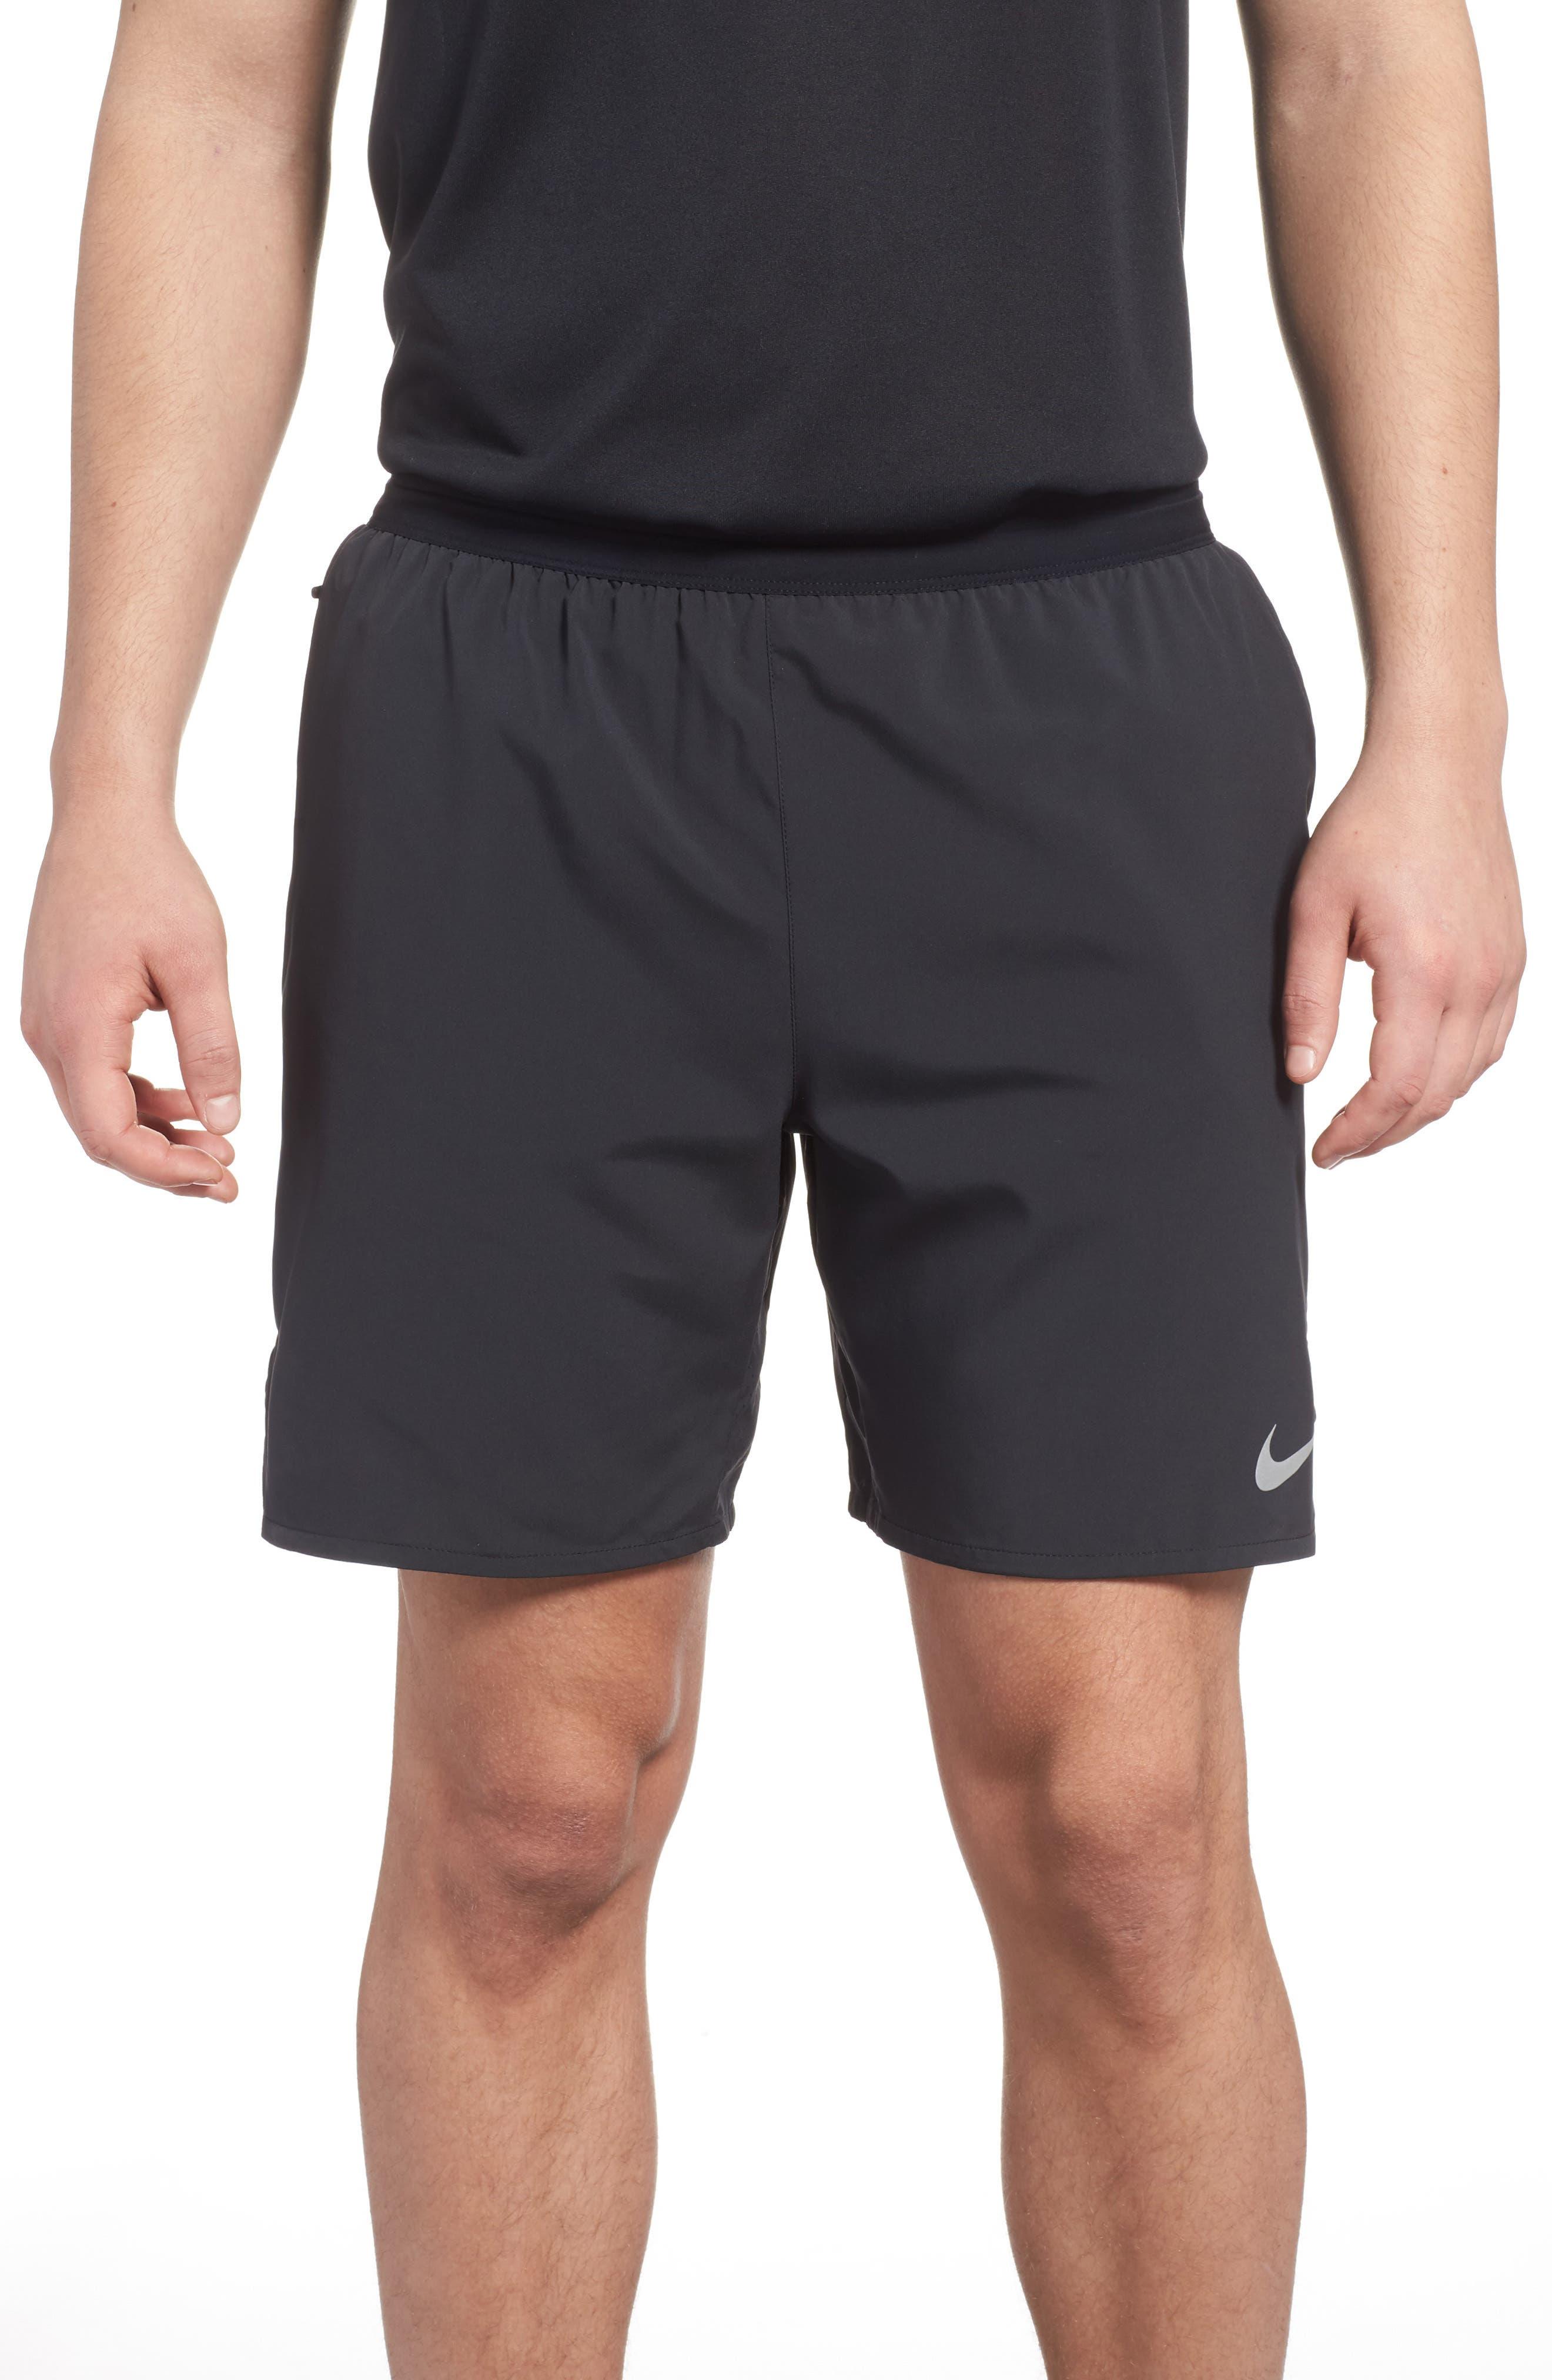 Flex Distance Shorts,                             Main thumbnail 1, color,                             010